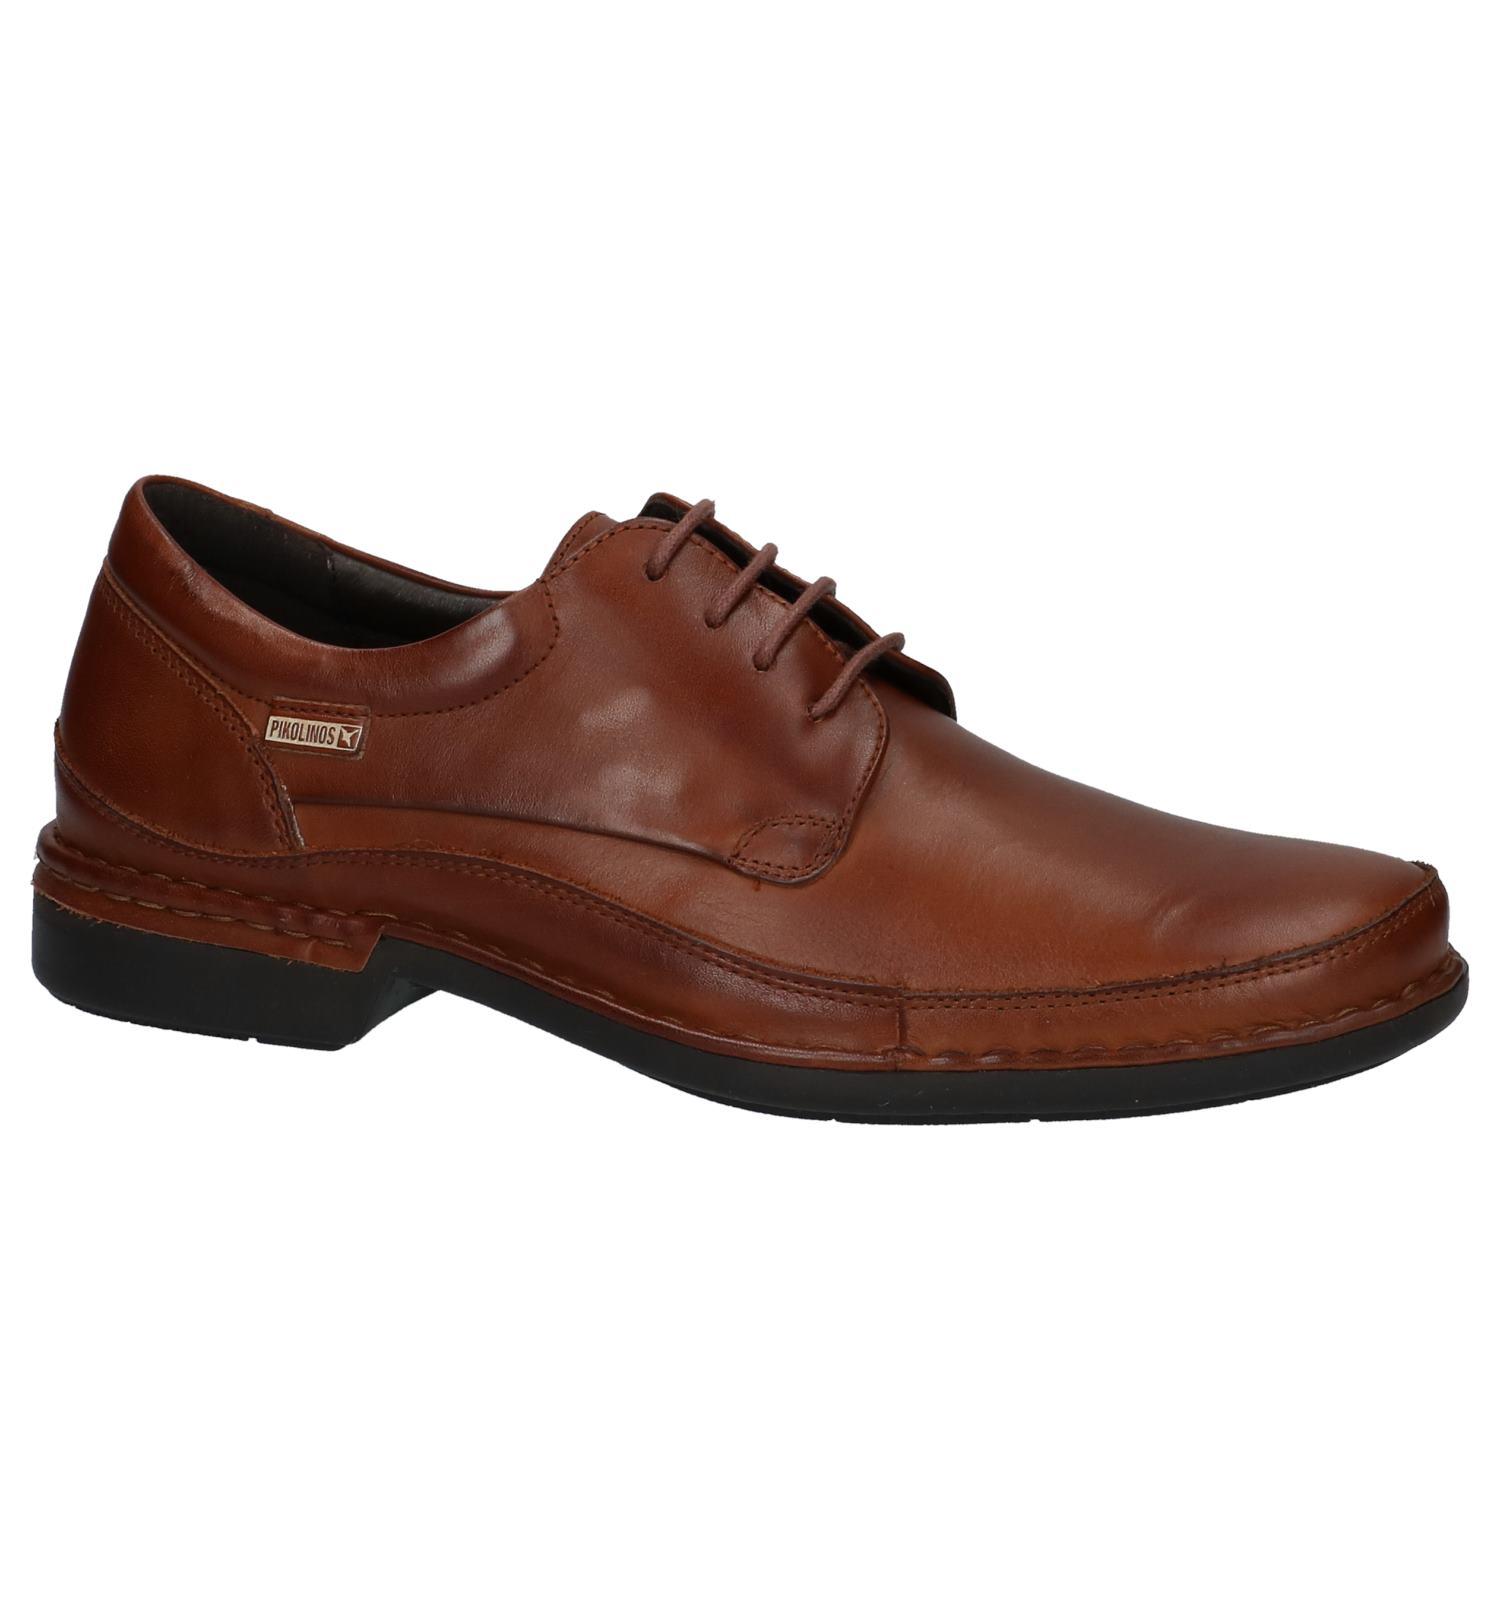 16214dbbd8b4b3 Pikolinos Chaussures habillées (Cognac) | TORFS.BE | Livraison et retour  gratuits